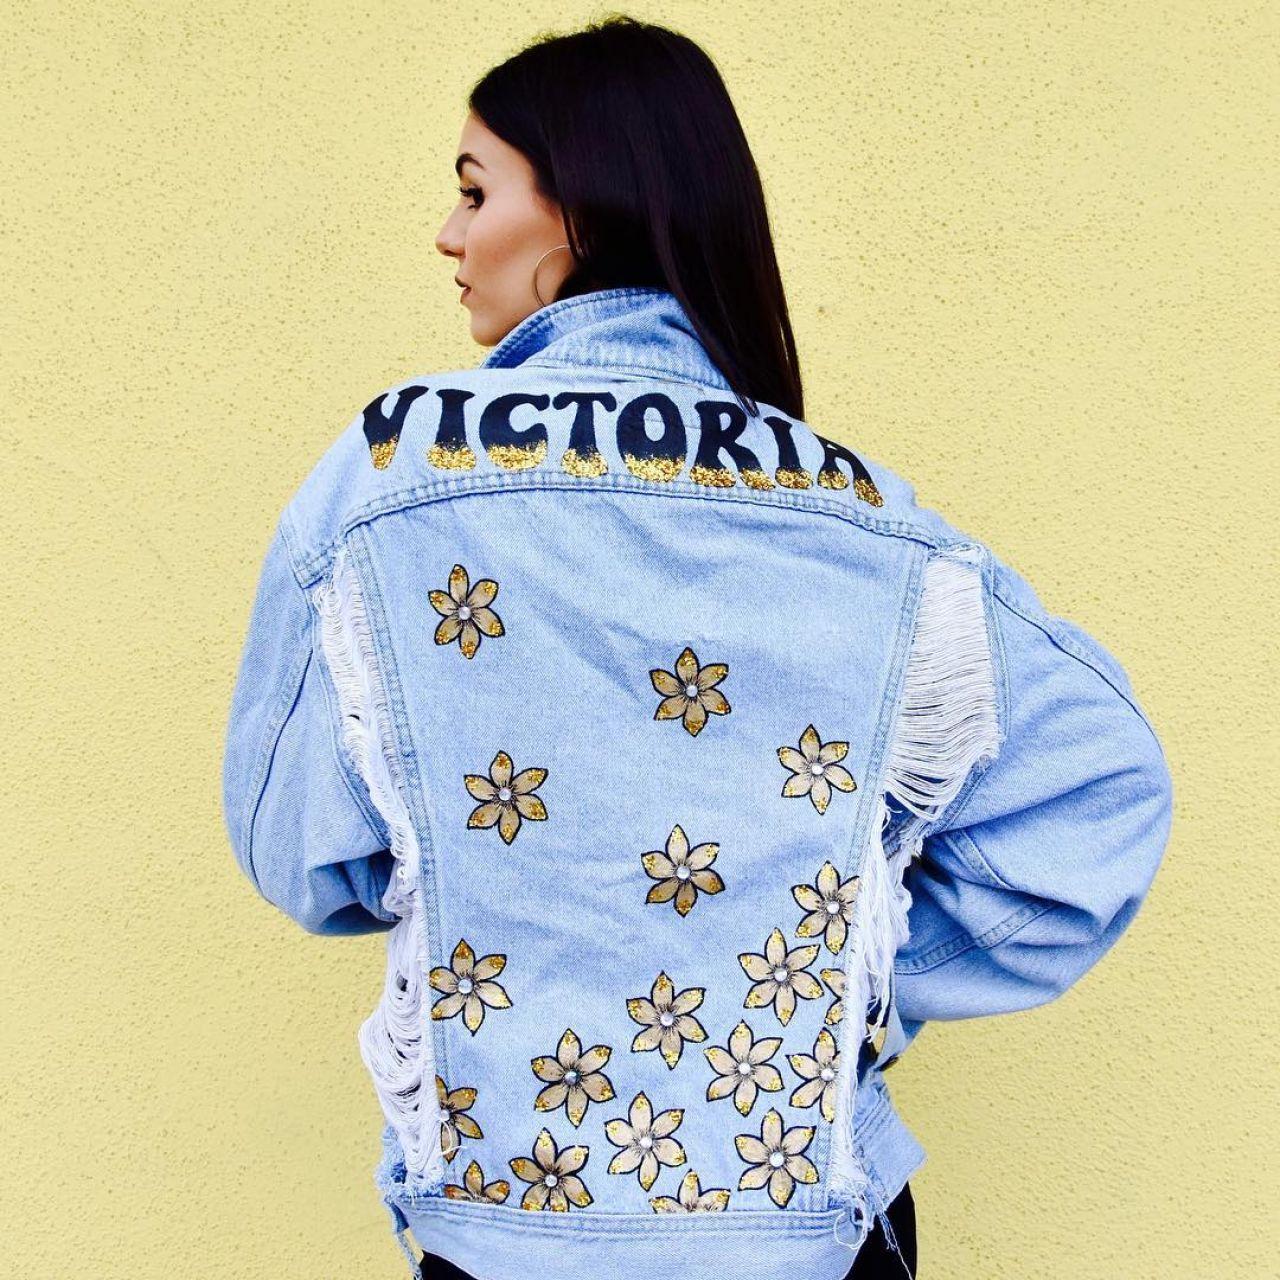 Victoria Justice Photos - Social Media 2/25/ 2017